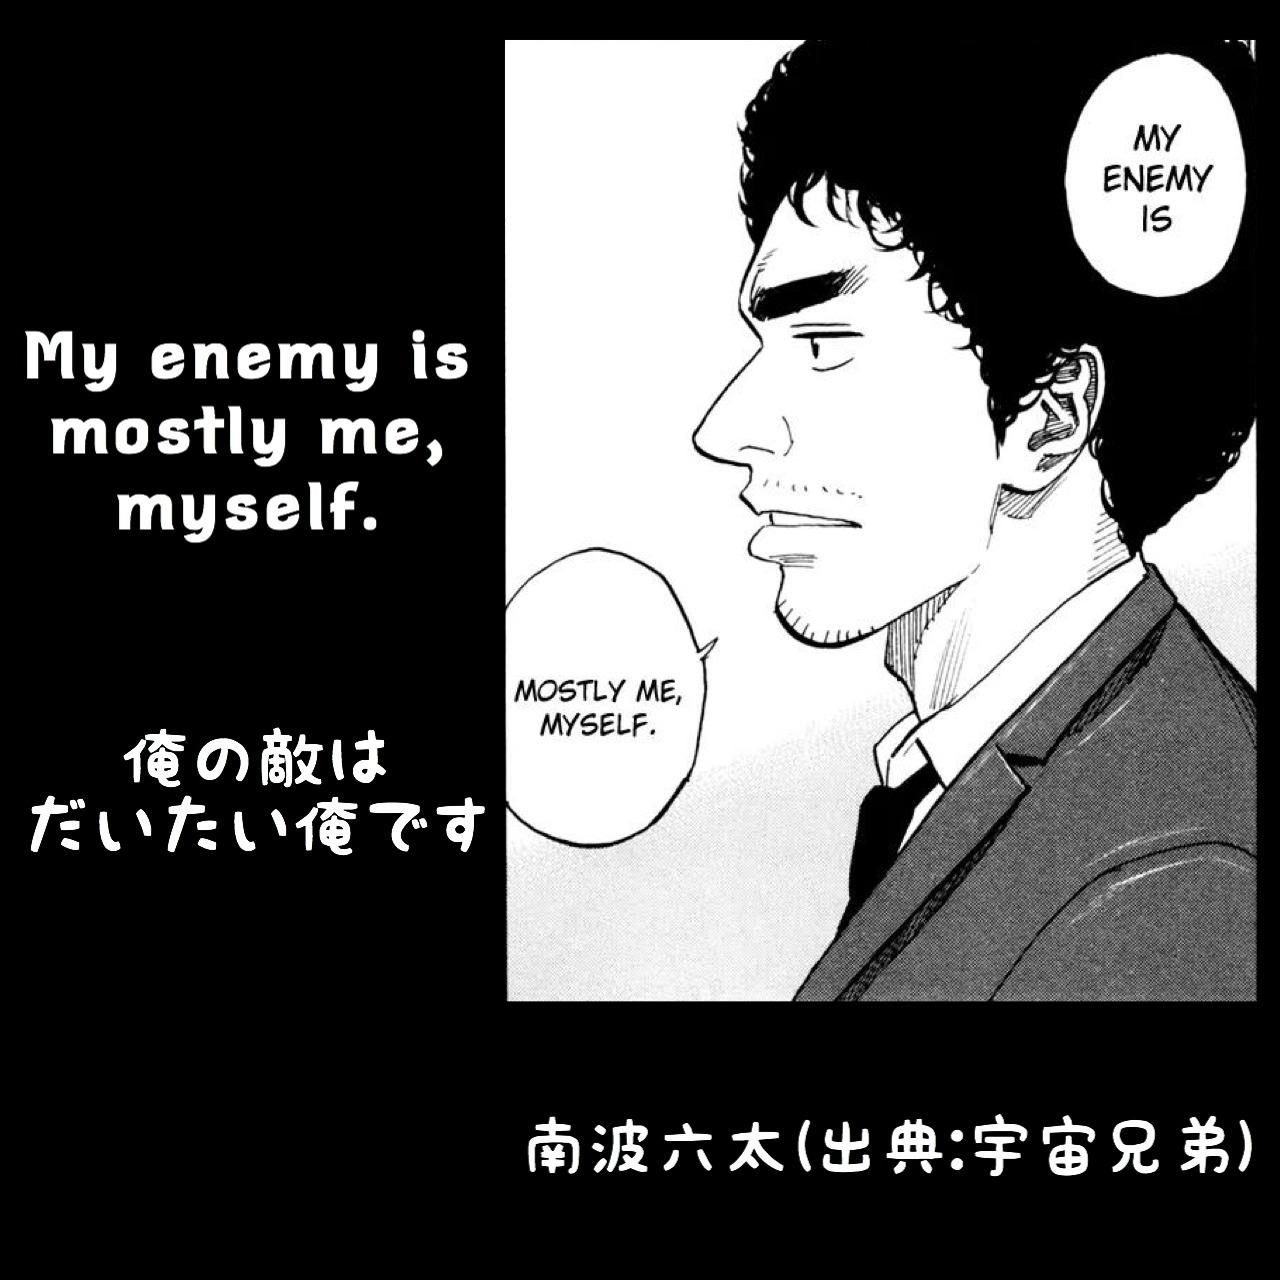 俺の敵は、だいたい俺です / 南波六太(出典:宇宙兄弟)